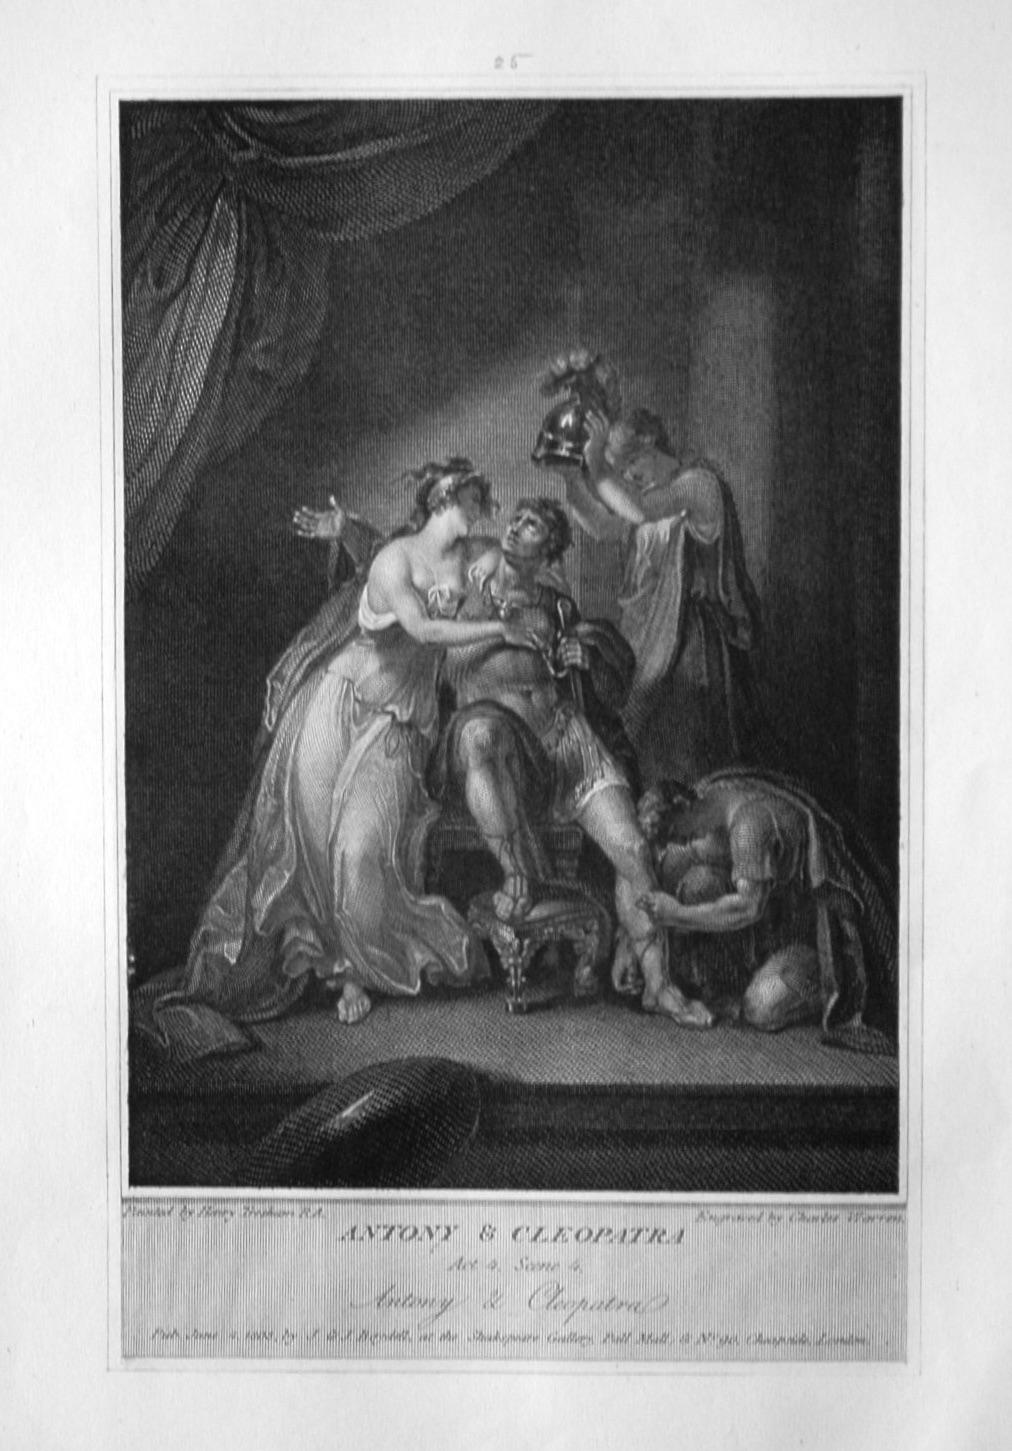 Antony & Cleopatra.